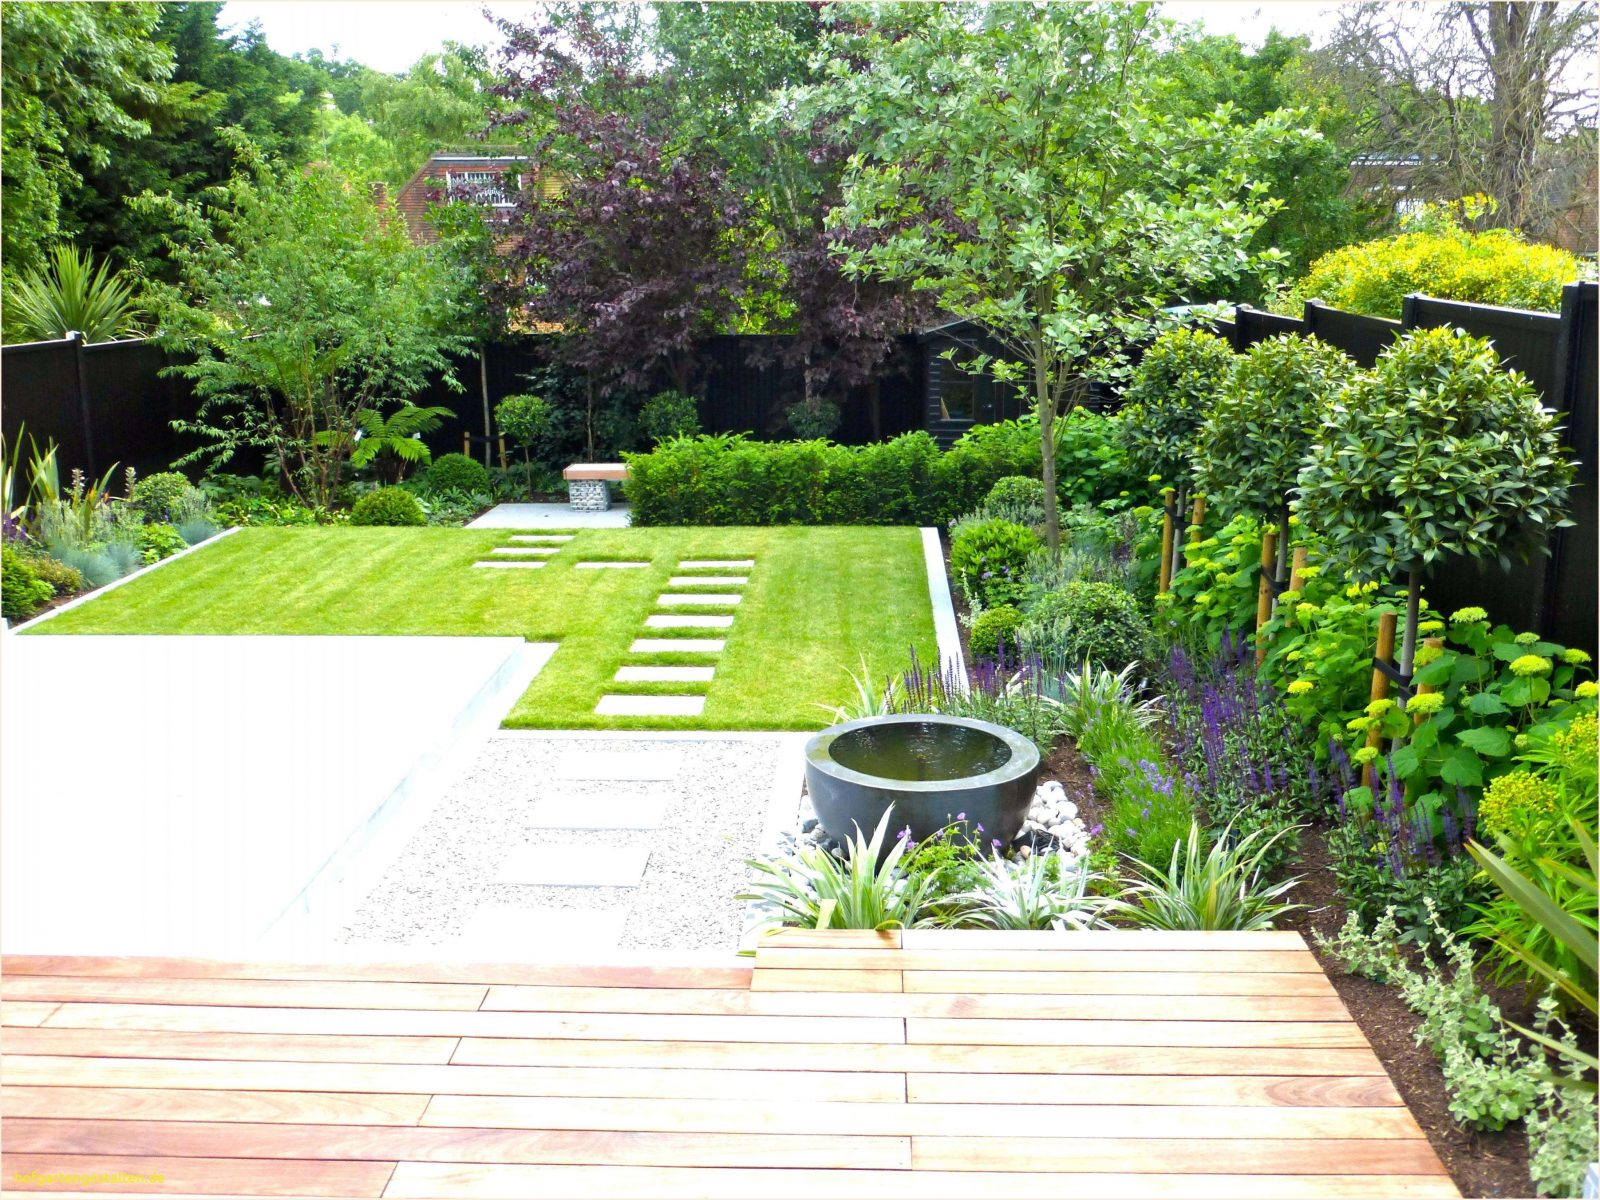 Mein Schöner Garten Lidl Neu Holztisch Garten Massiv Inspirierend von Mein Schöner Garten Lidl Photo